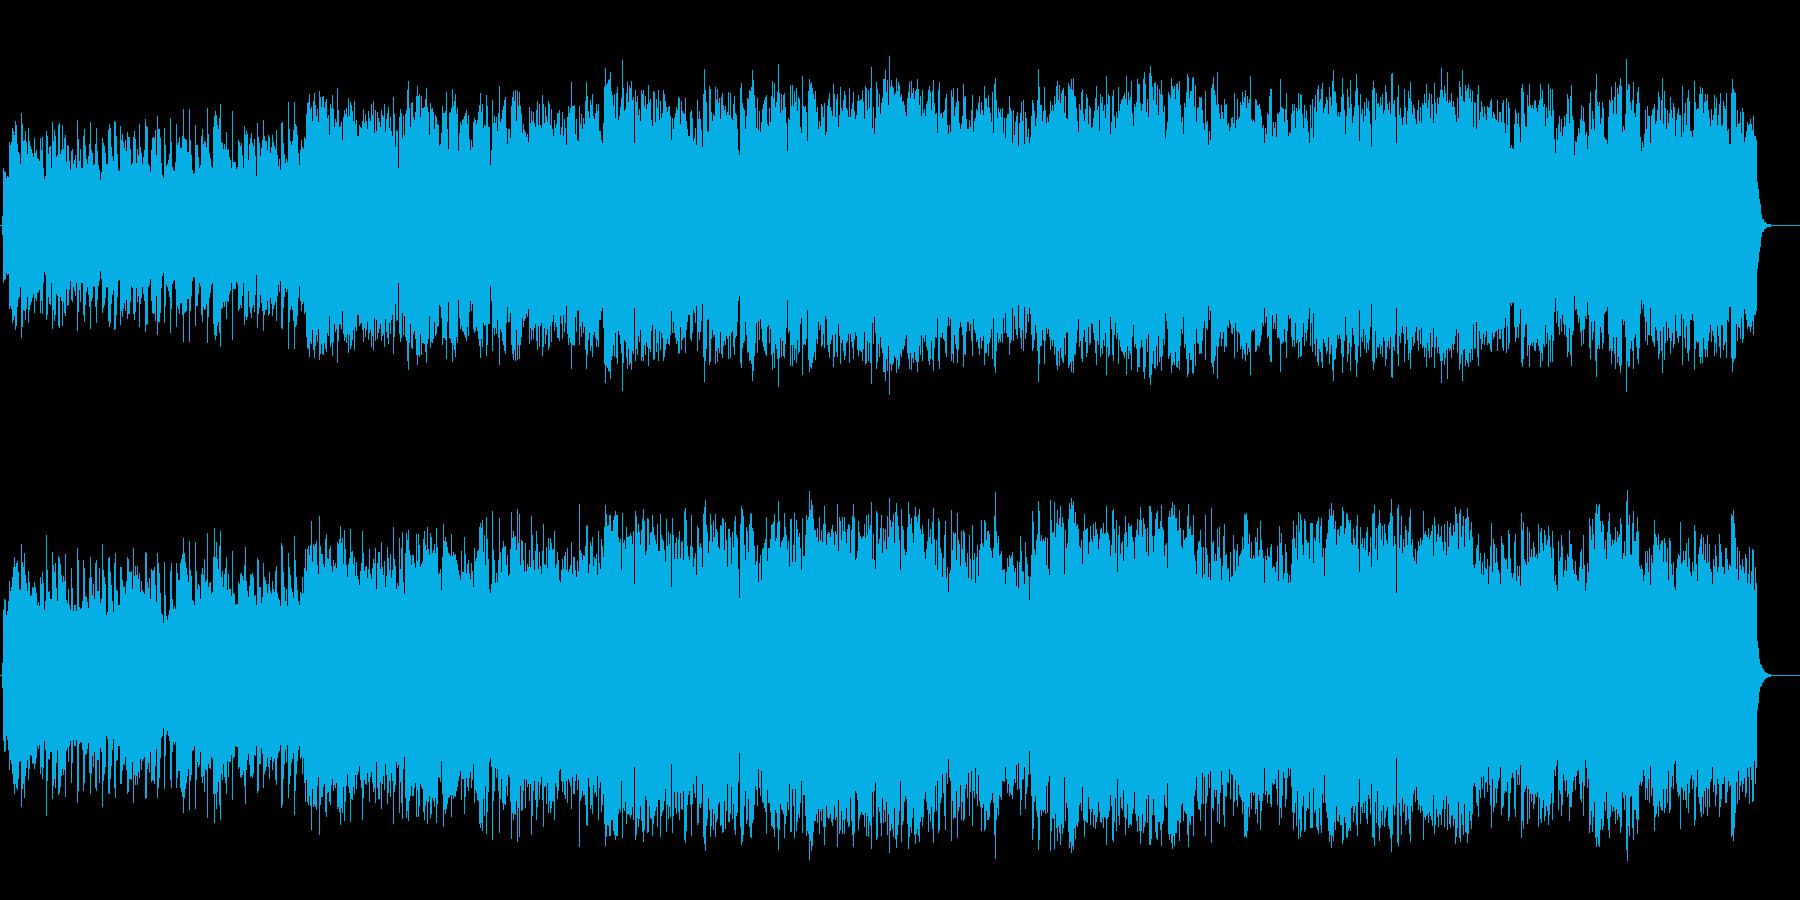 オルガンのレクイエム風スローバラードの再生済みの波形